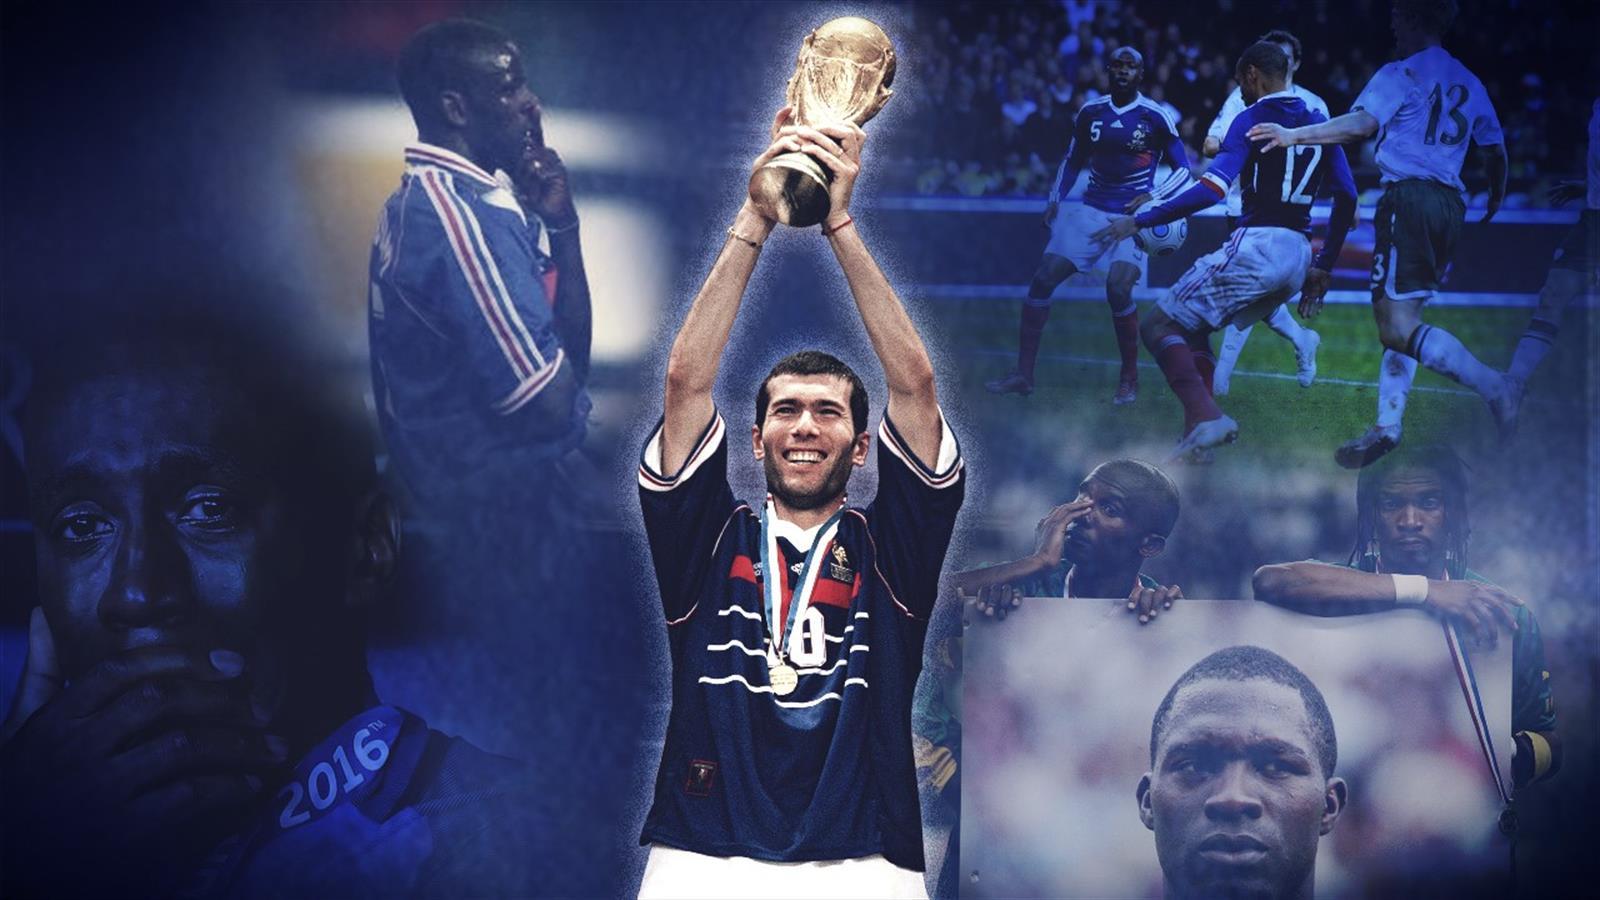 Ce soir, c'est la centième : le Stade de France et les Bleus